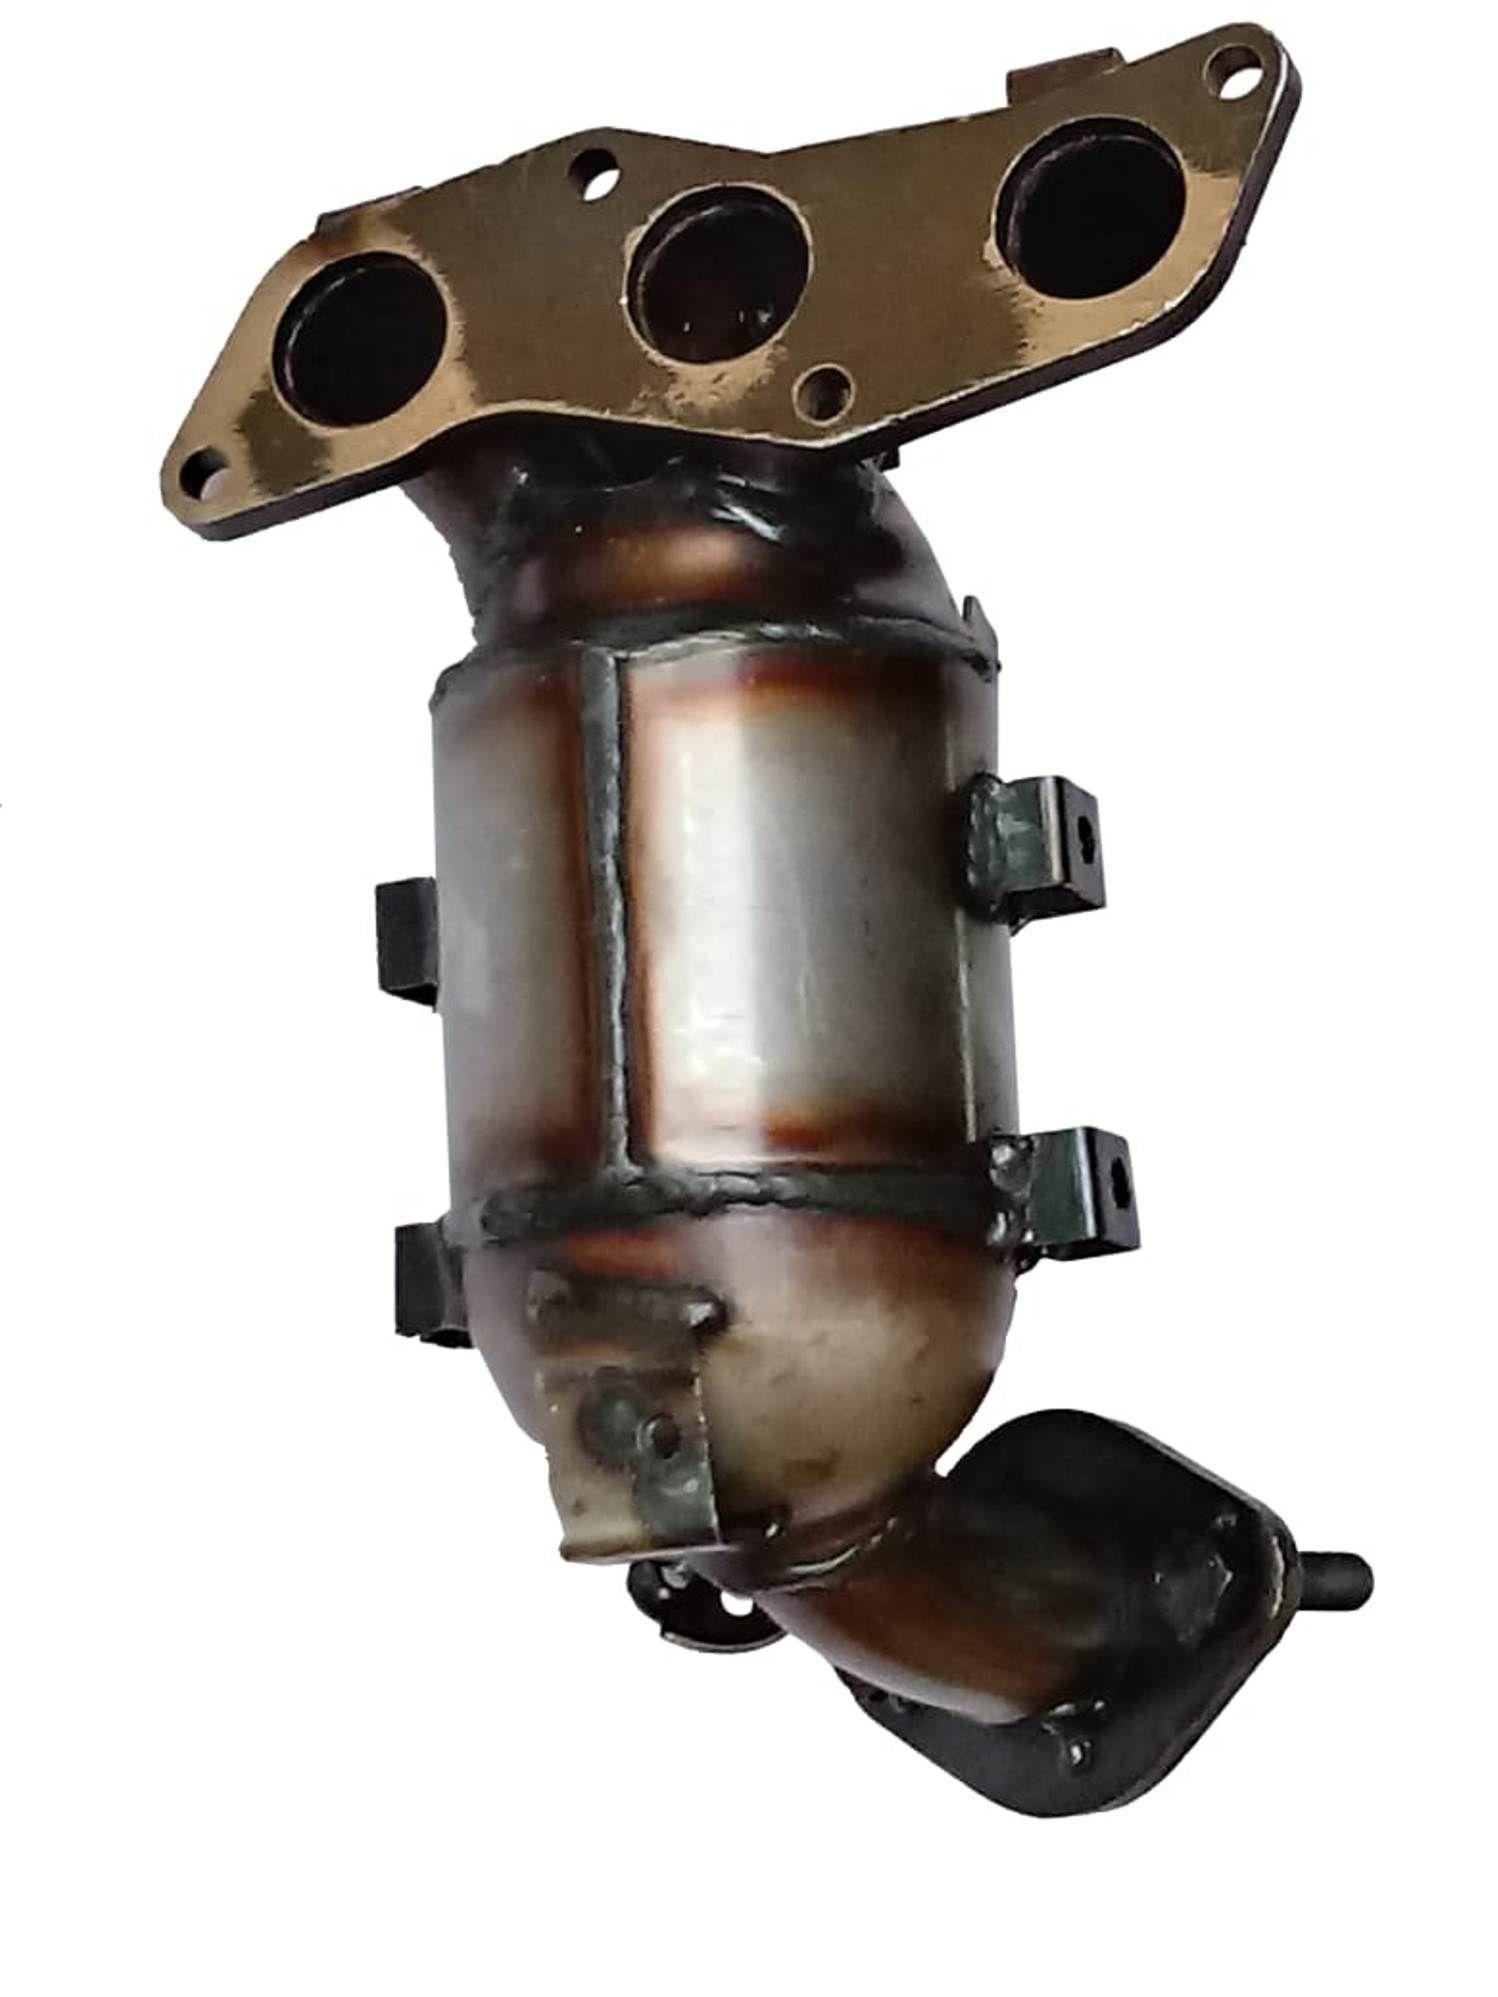 Catalisador Picanto 1.0 3 cil. 2012/...